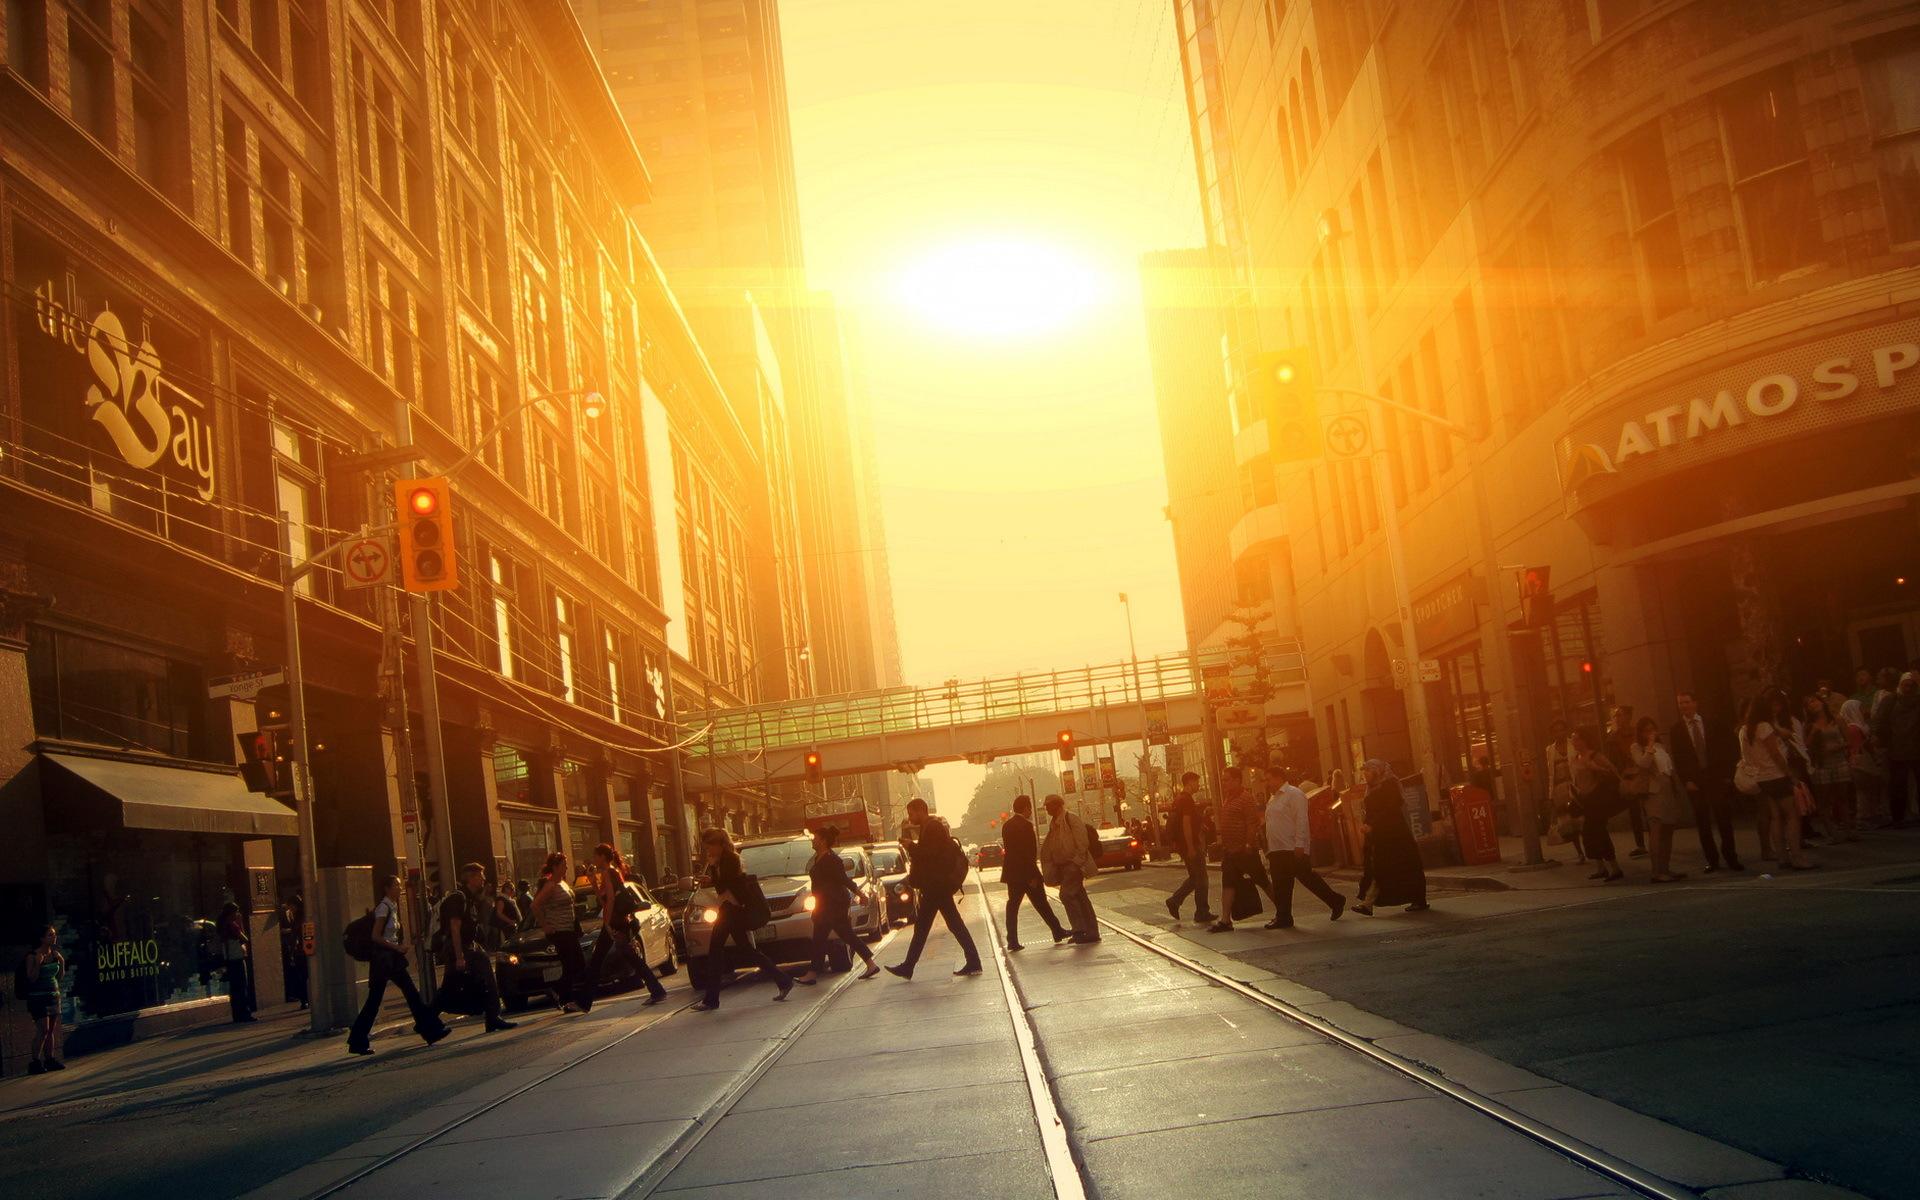 пешеходный переход красный свет  № 1504922 бесплатно